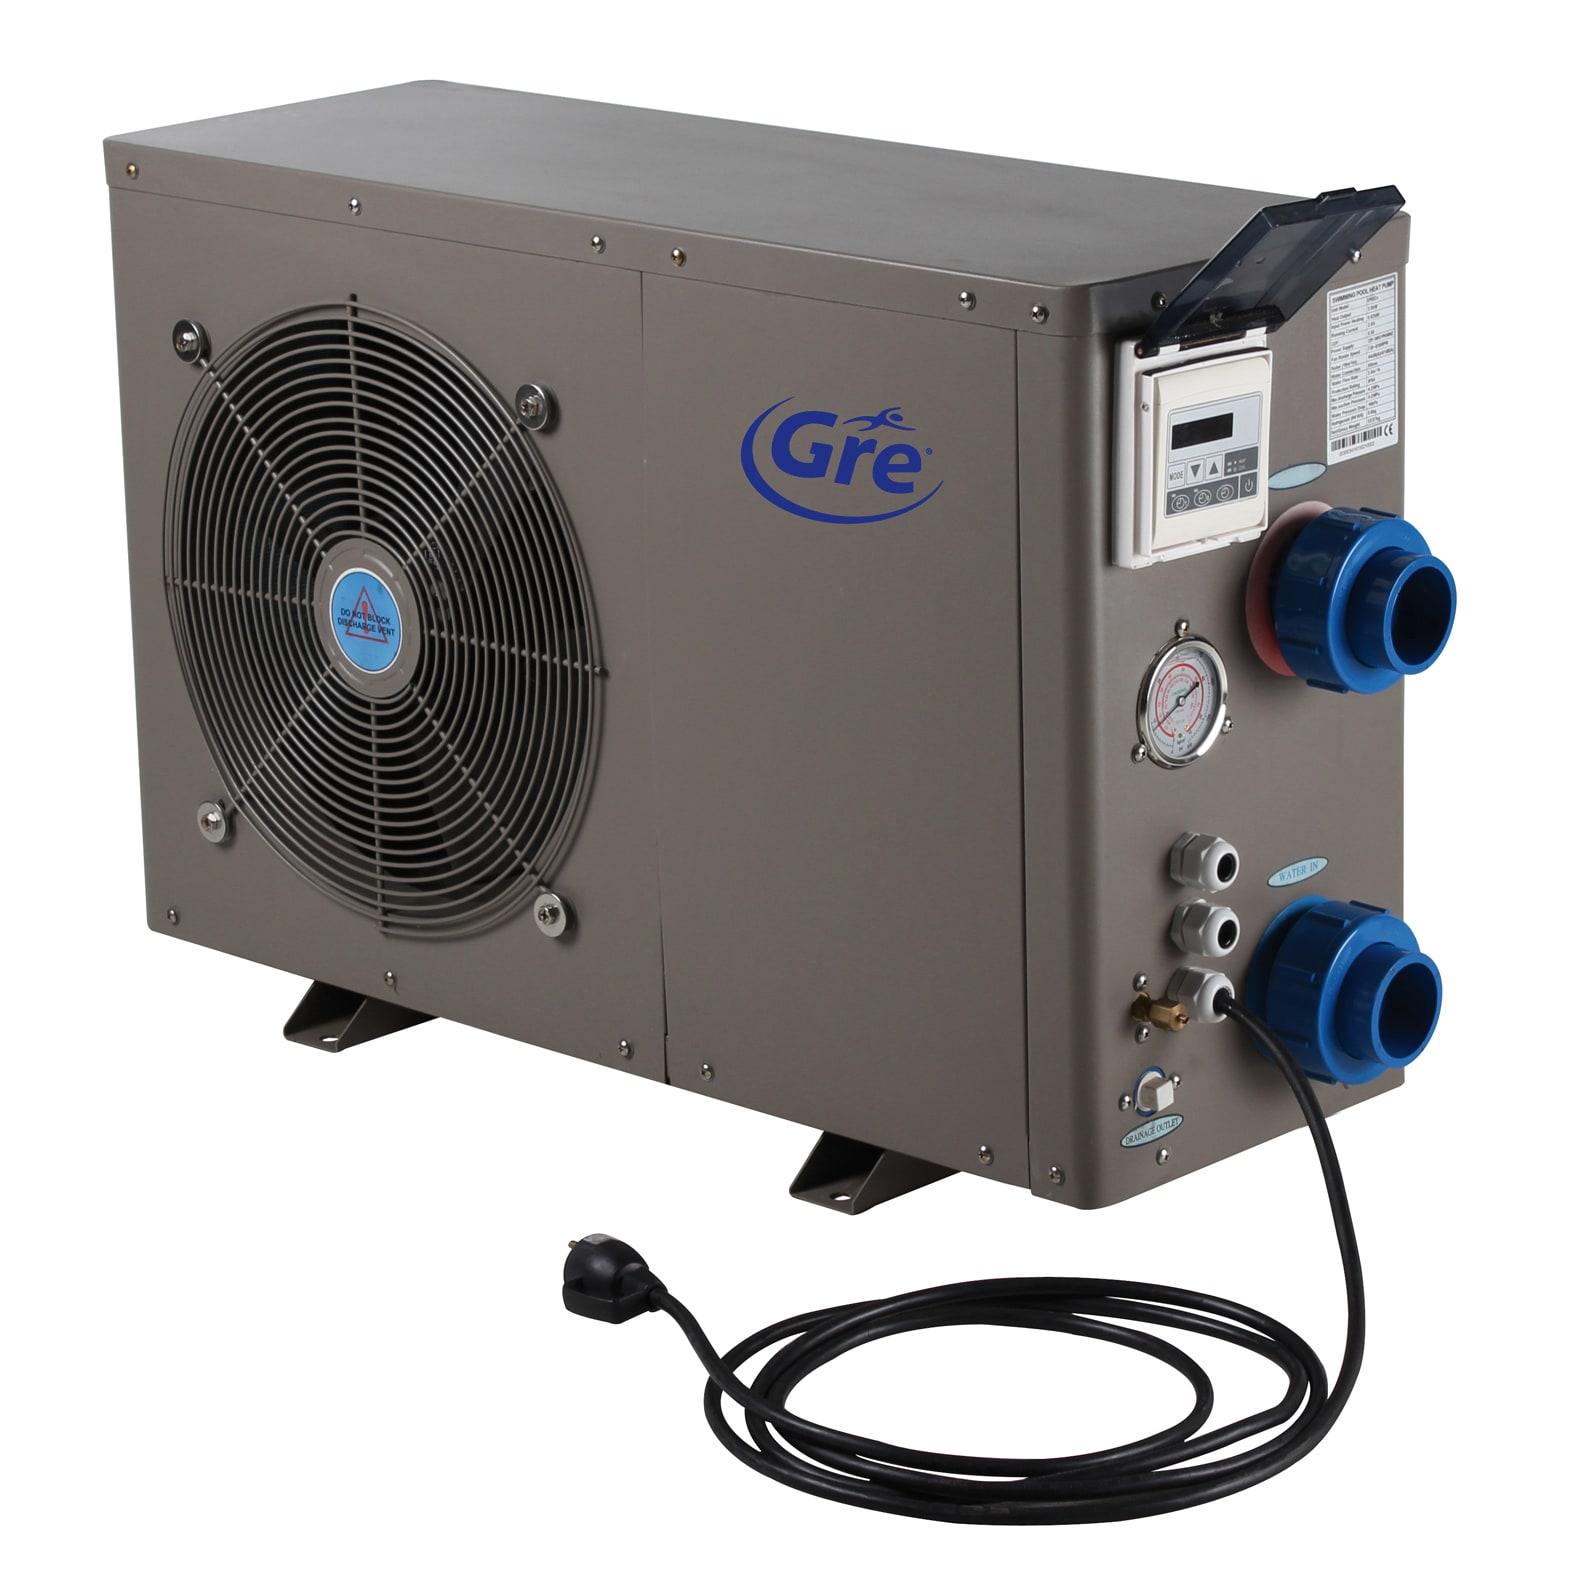 Pompa Di Calore Per Bagno pompa di calore gre 777590 3.5 kw 2.5 m³/h